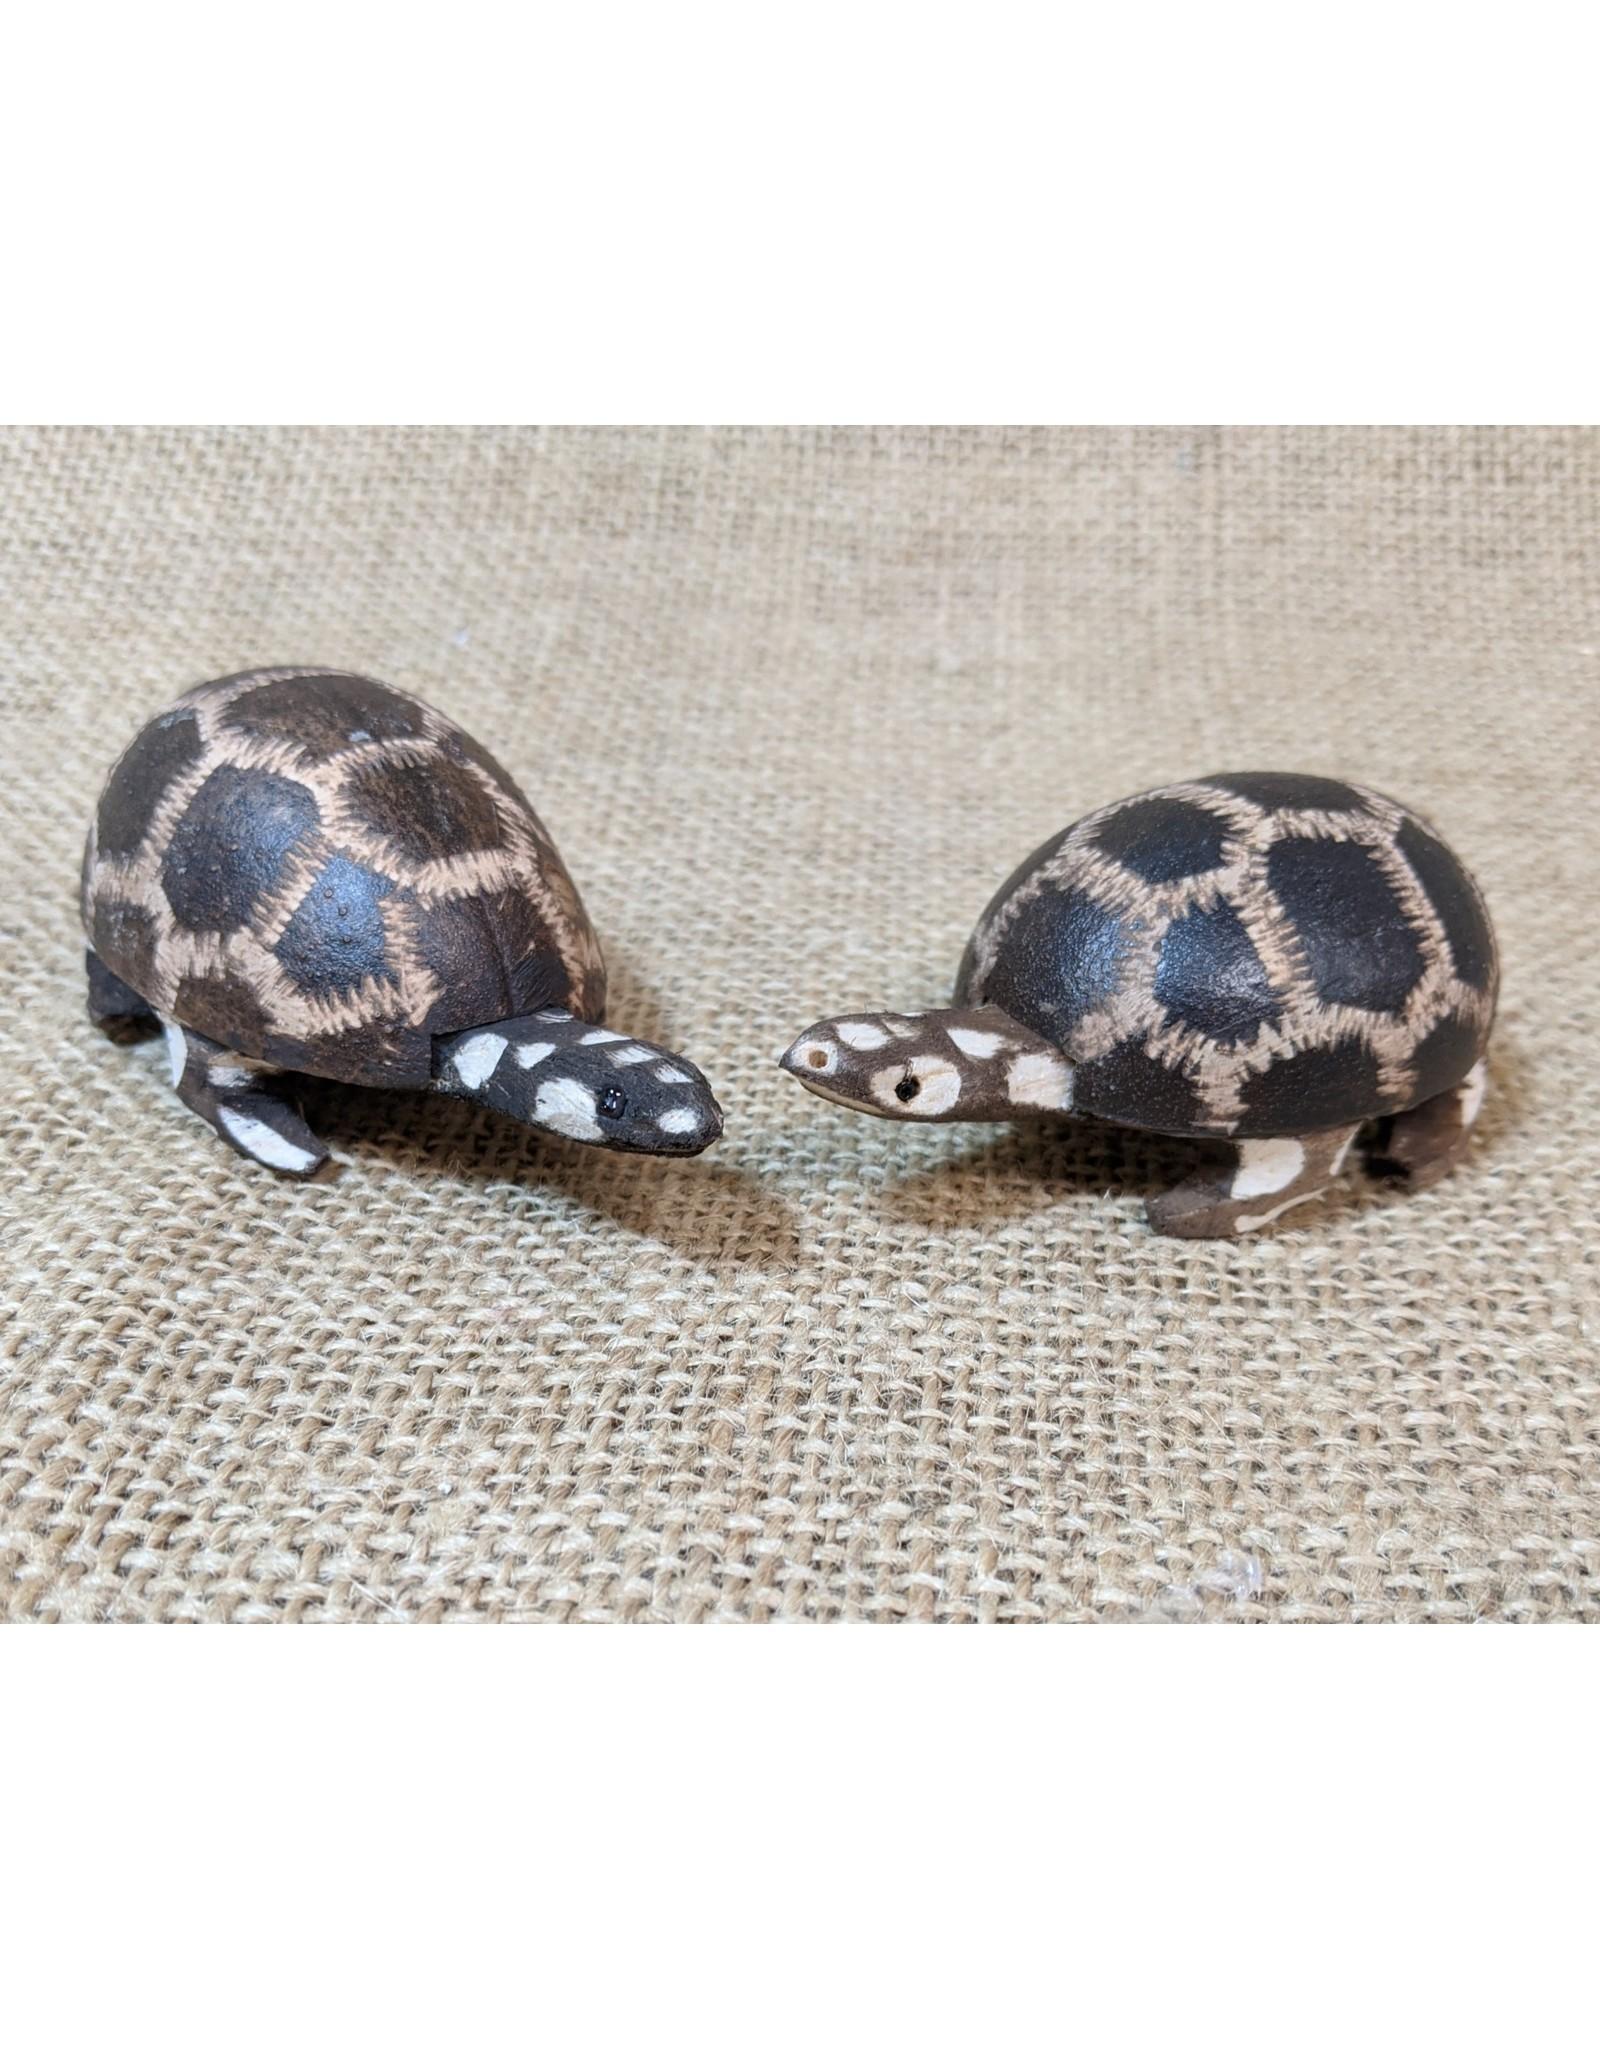 Jamtown Baby Wingo Turtle Shaker, Peru